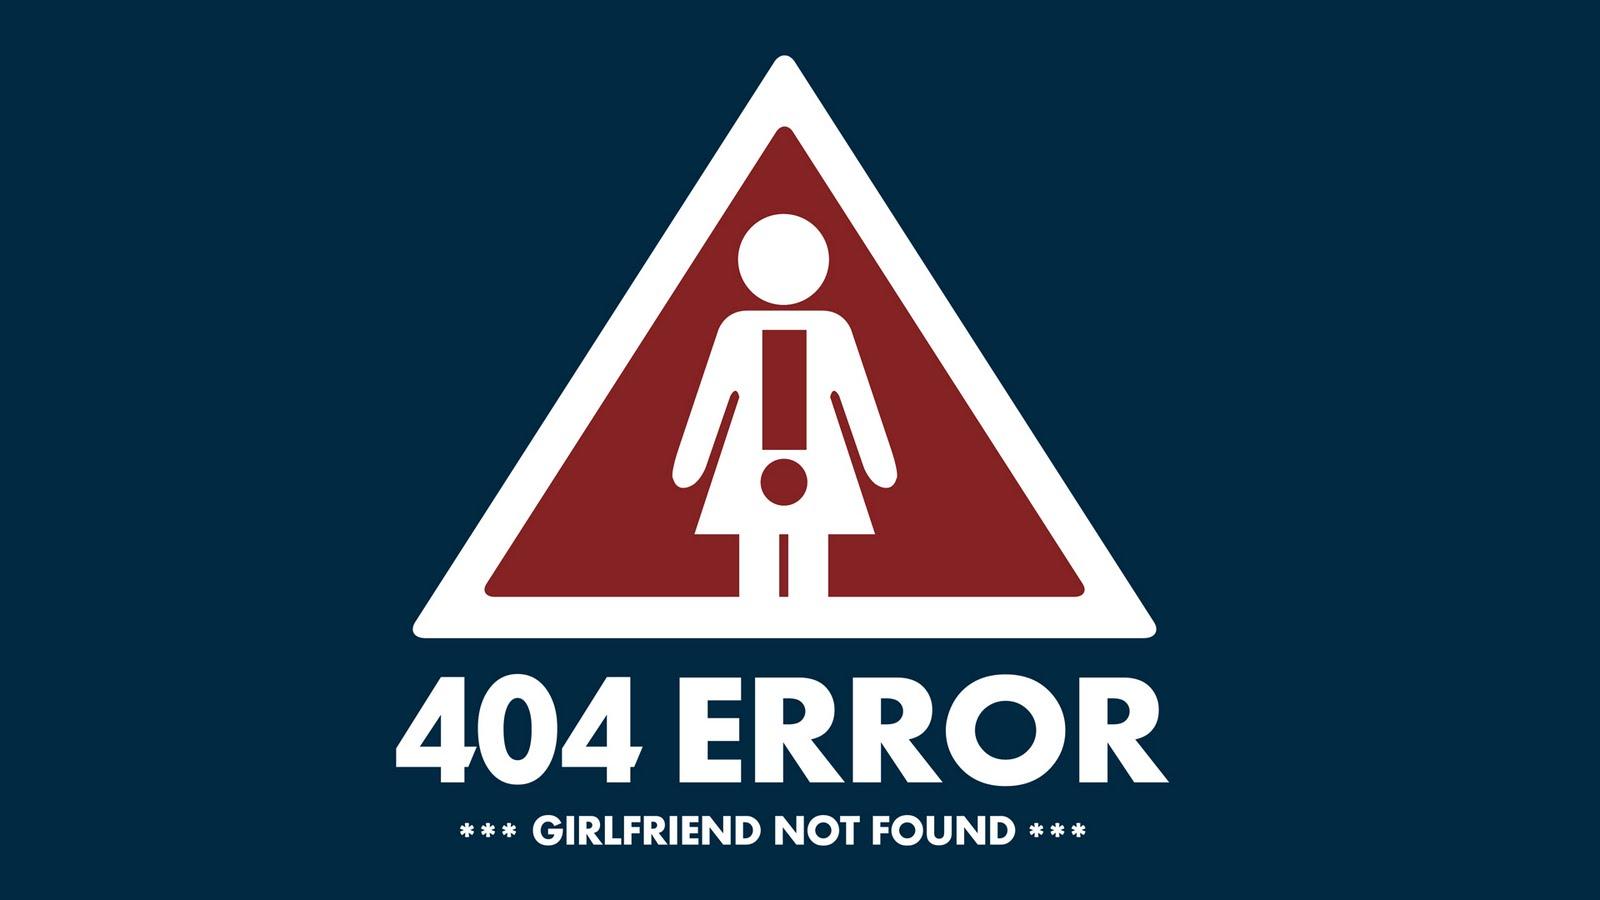 gf not found